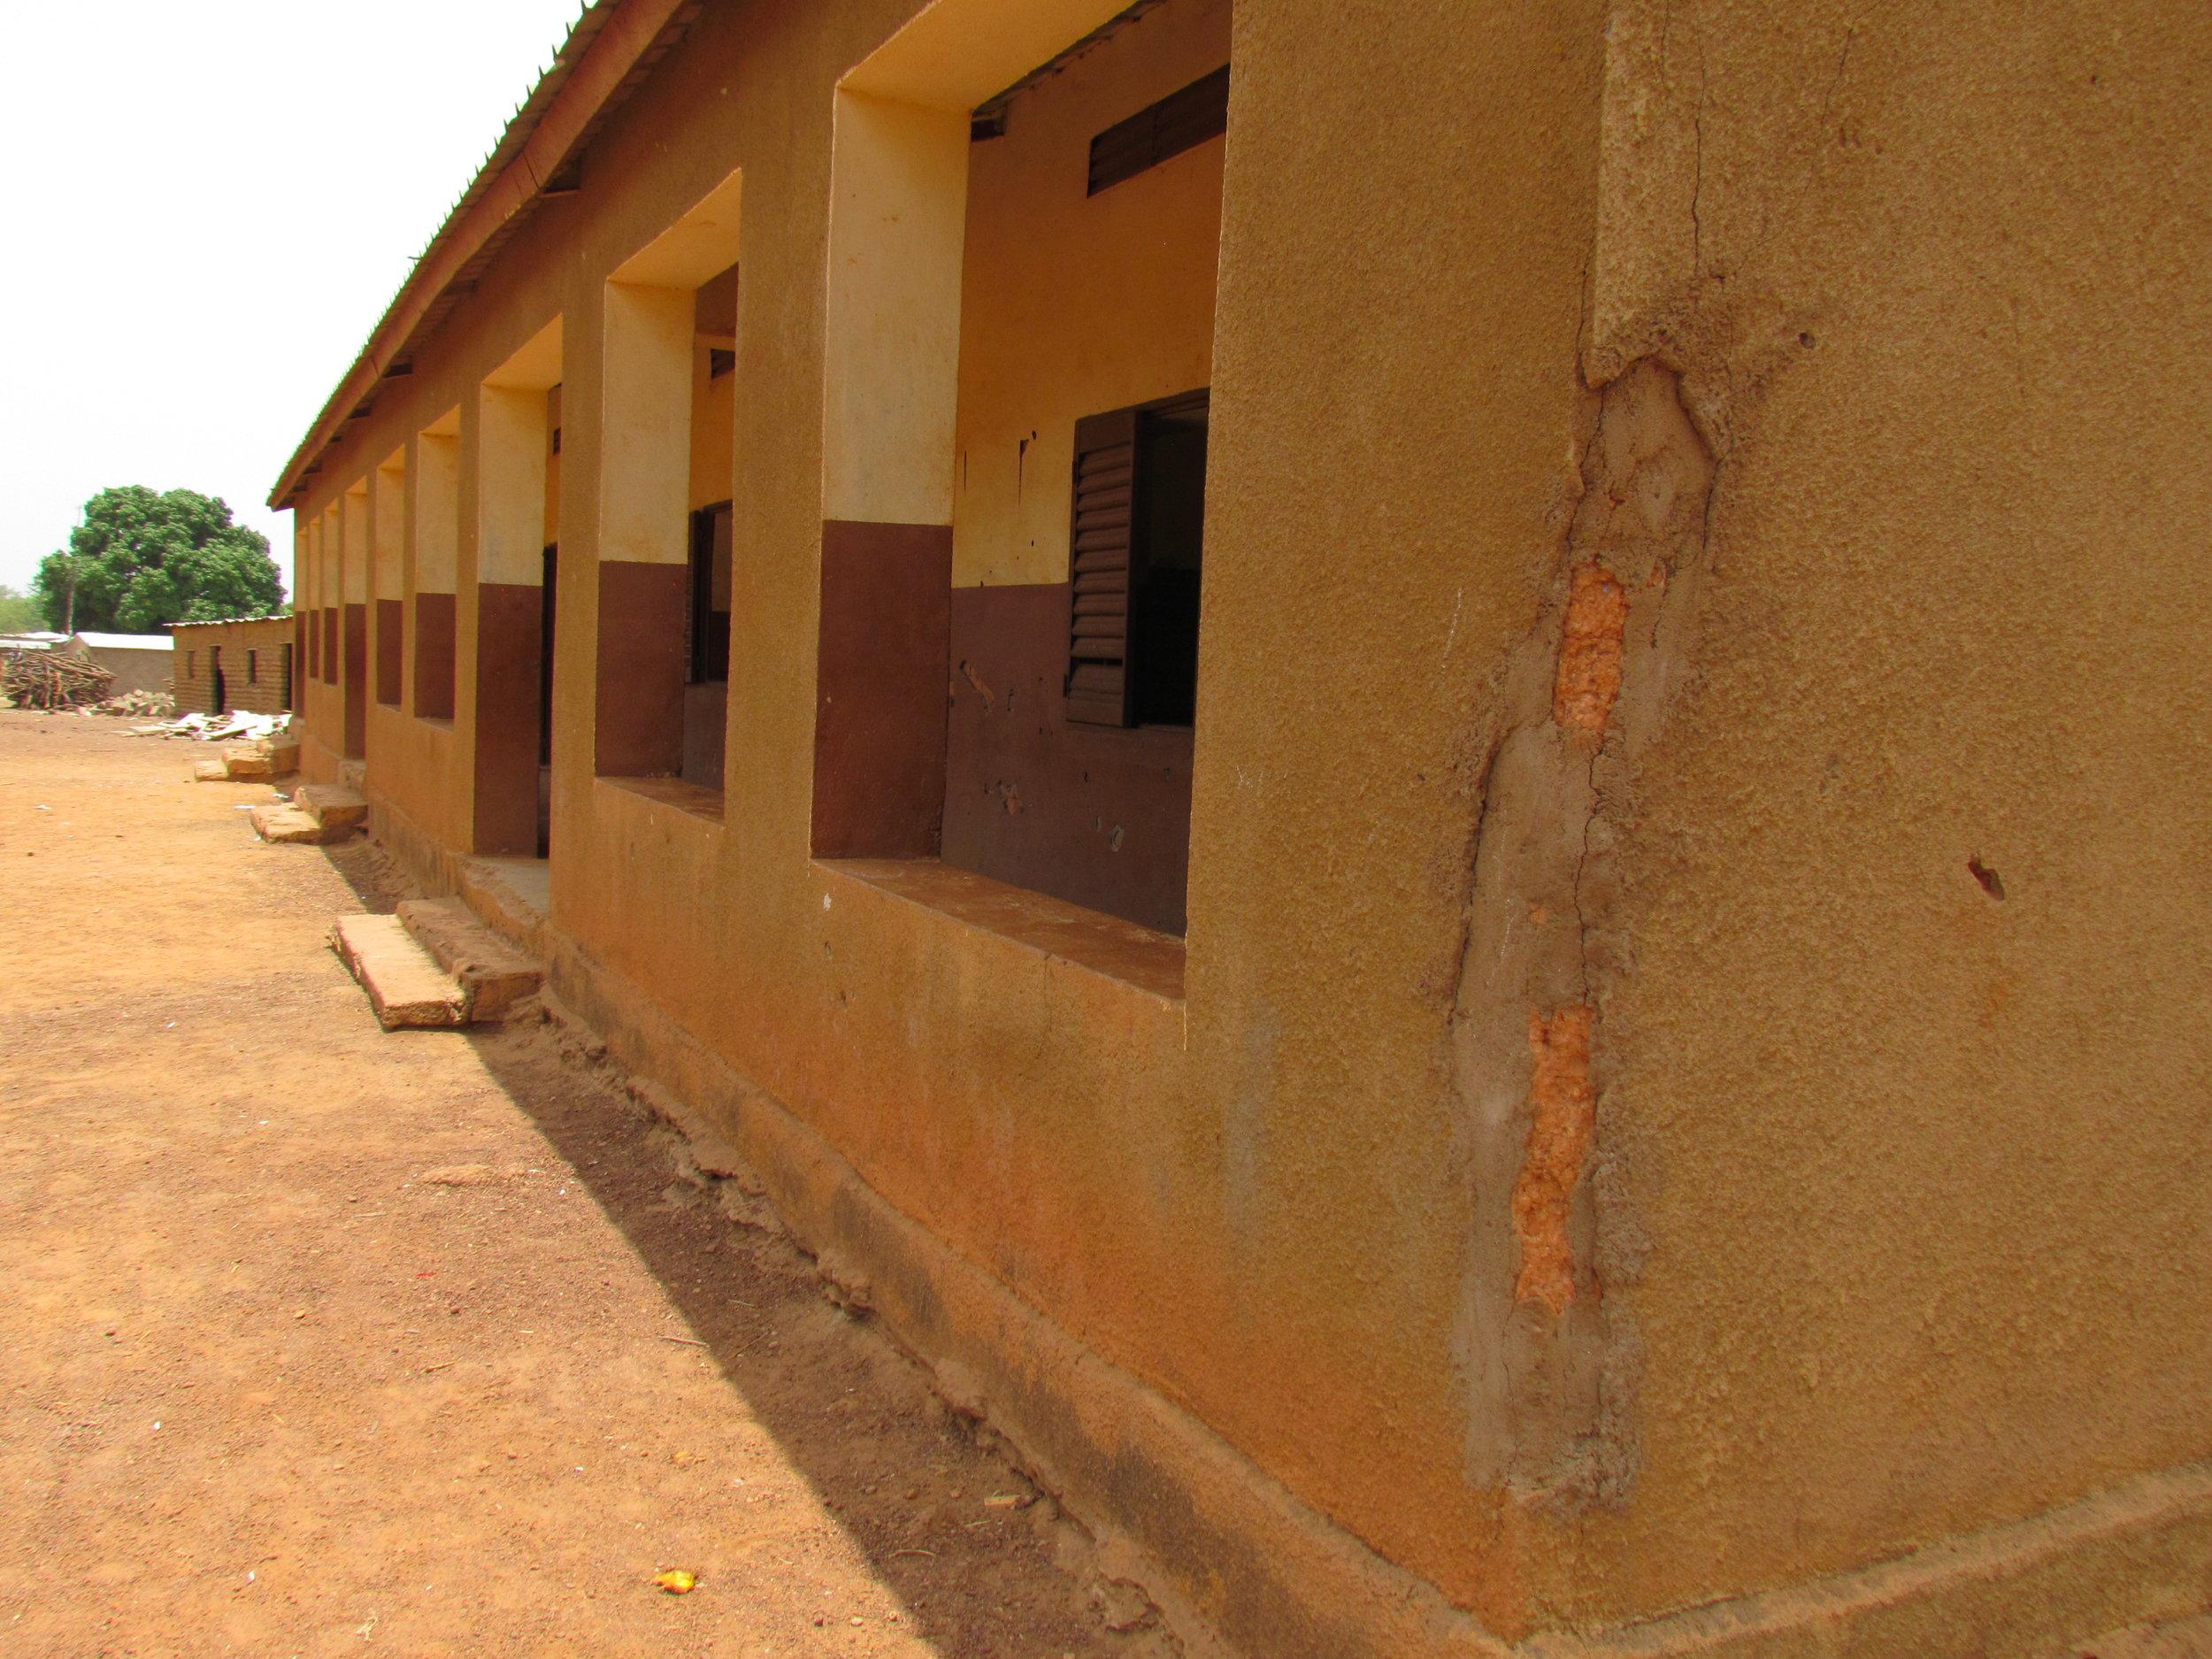 Corner cracking seen on some older, mud schools before repair.